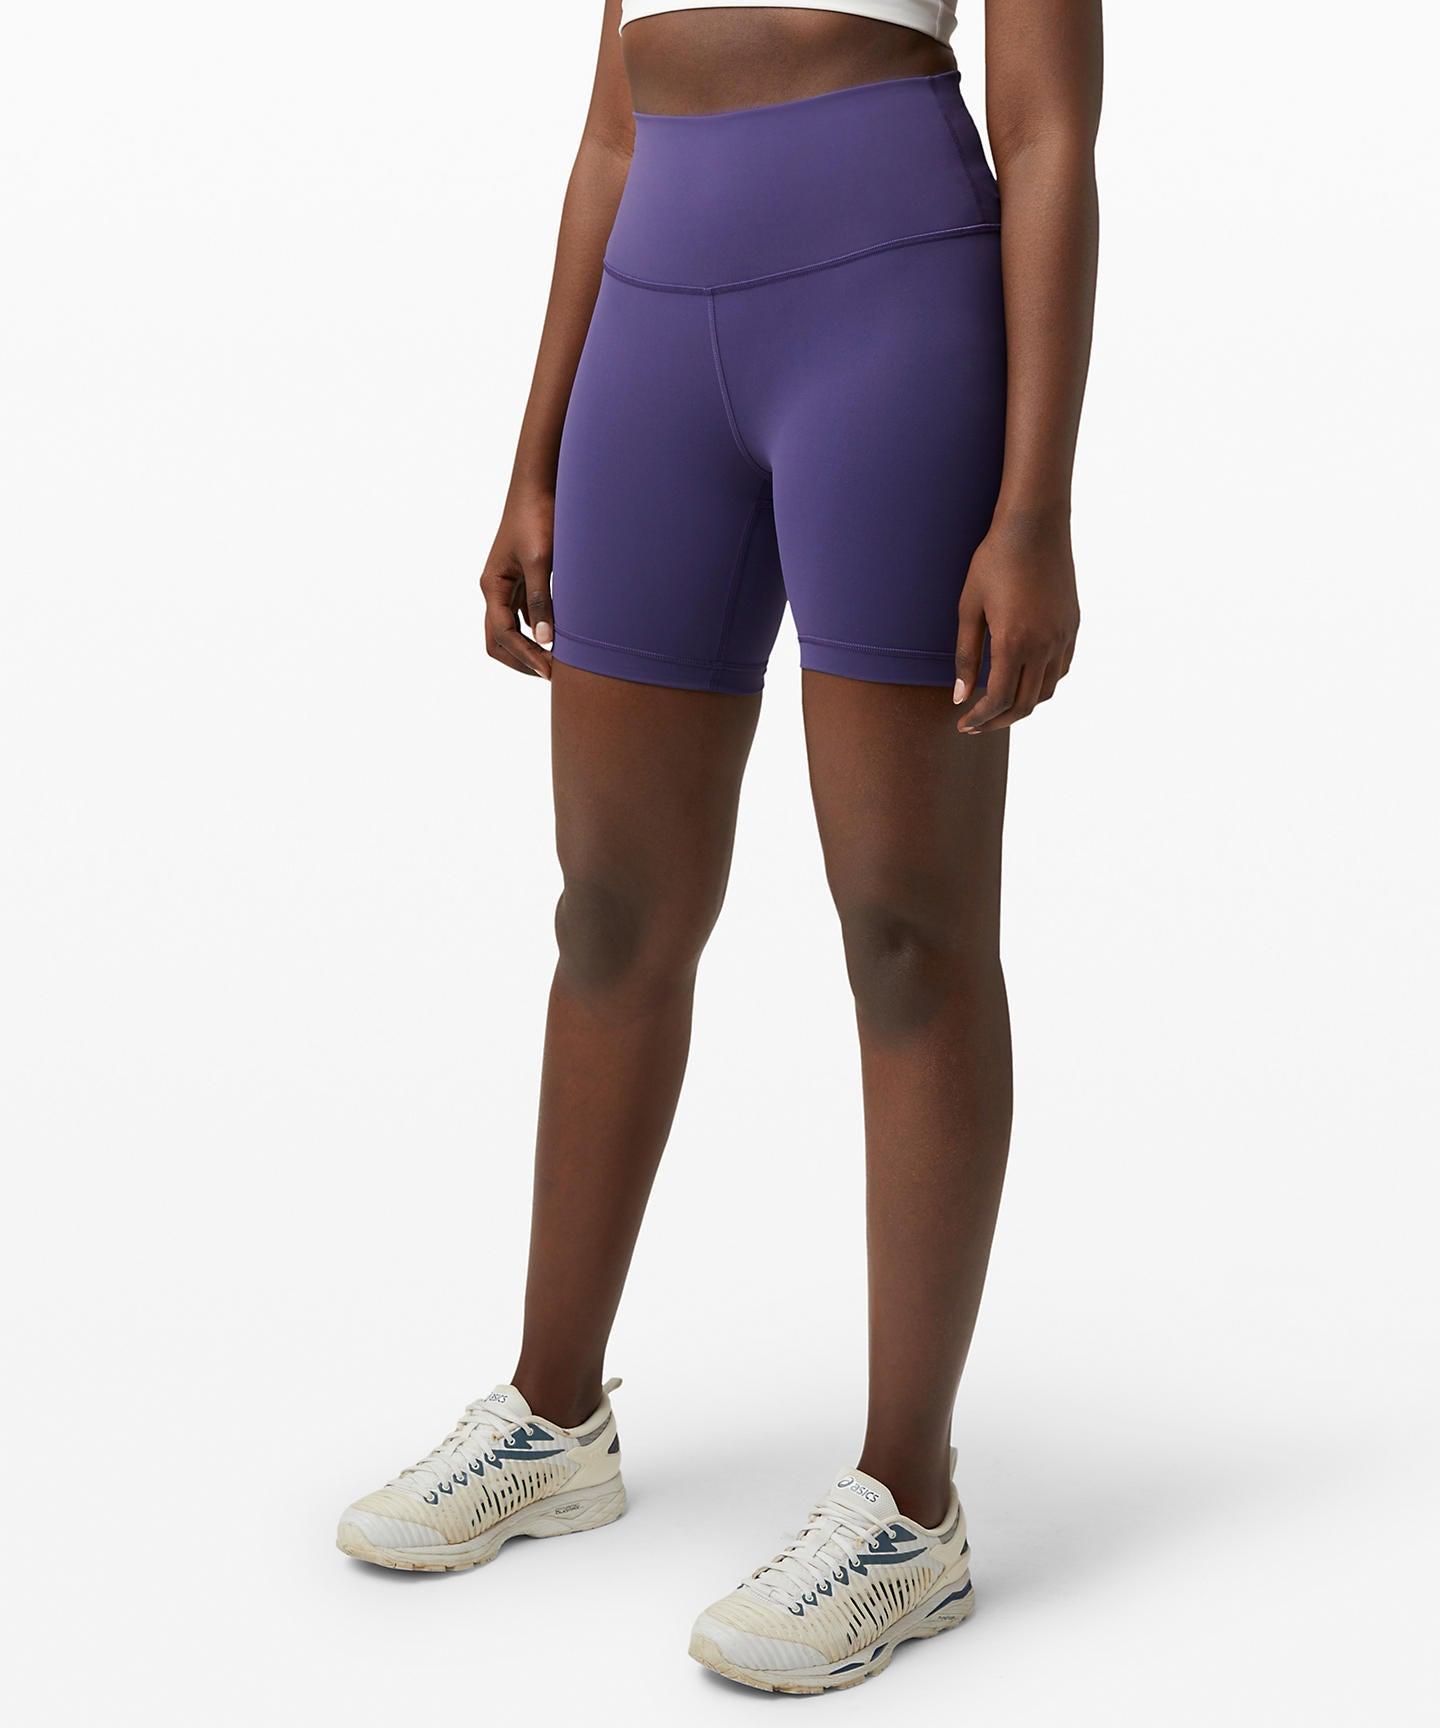 Lululemon Wunder Bike Shorts